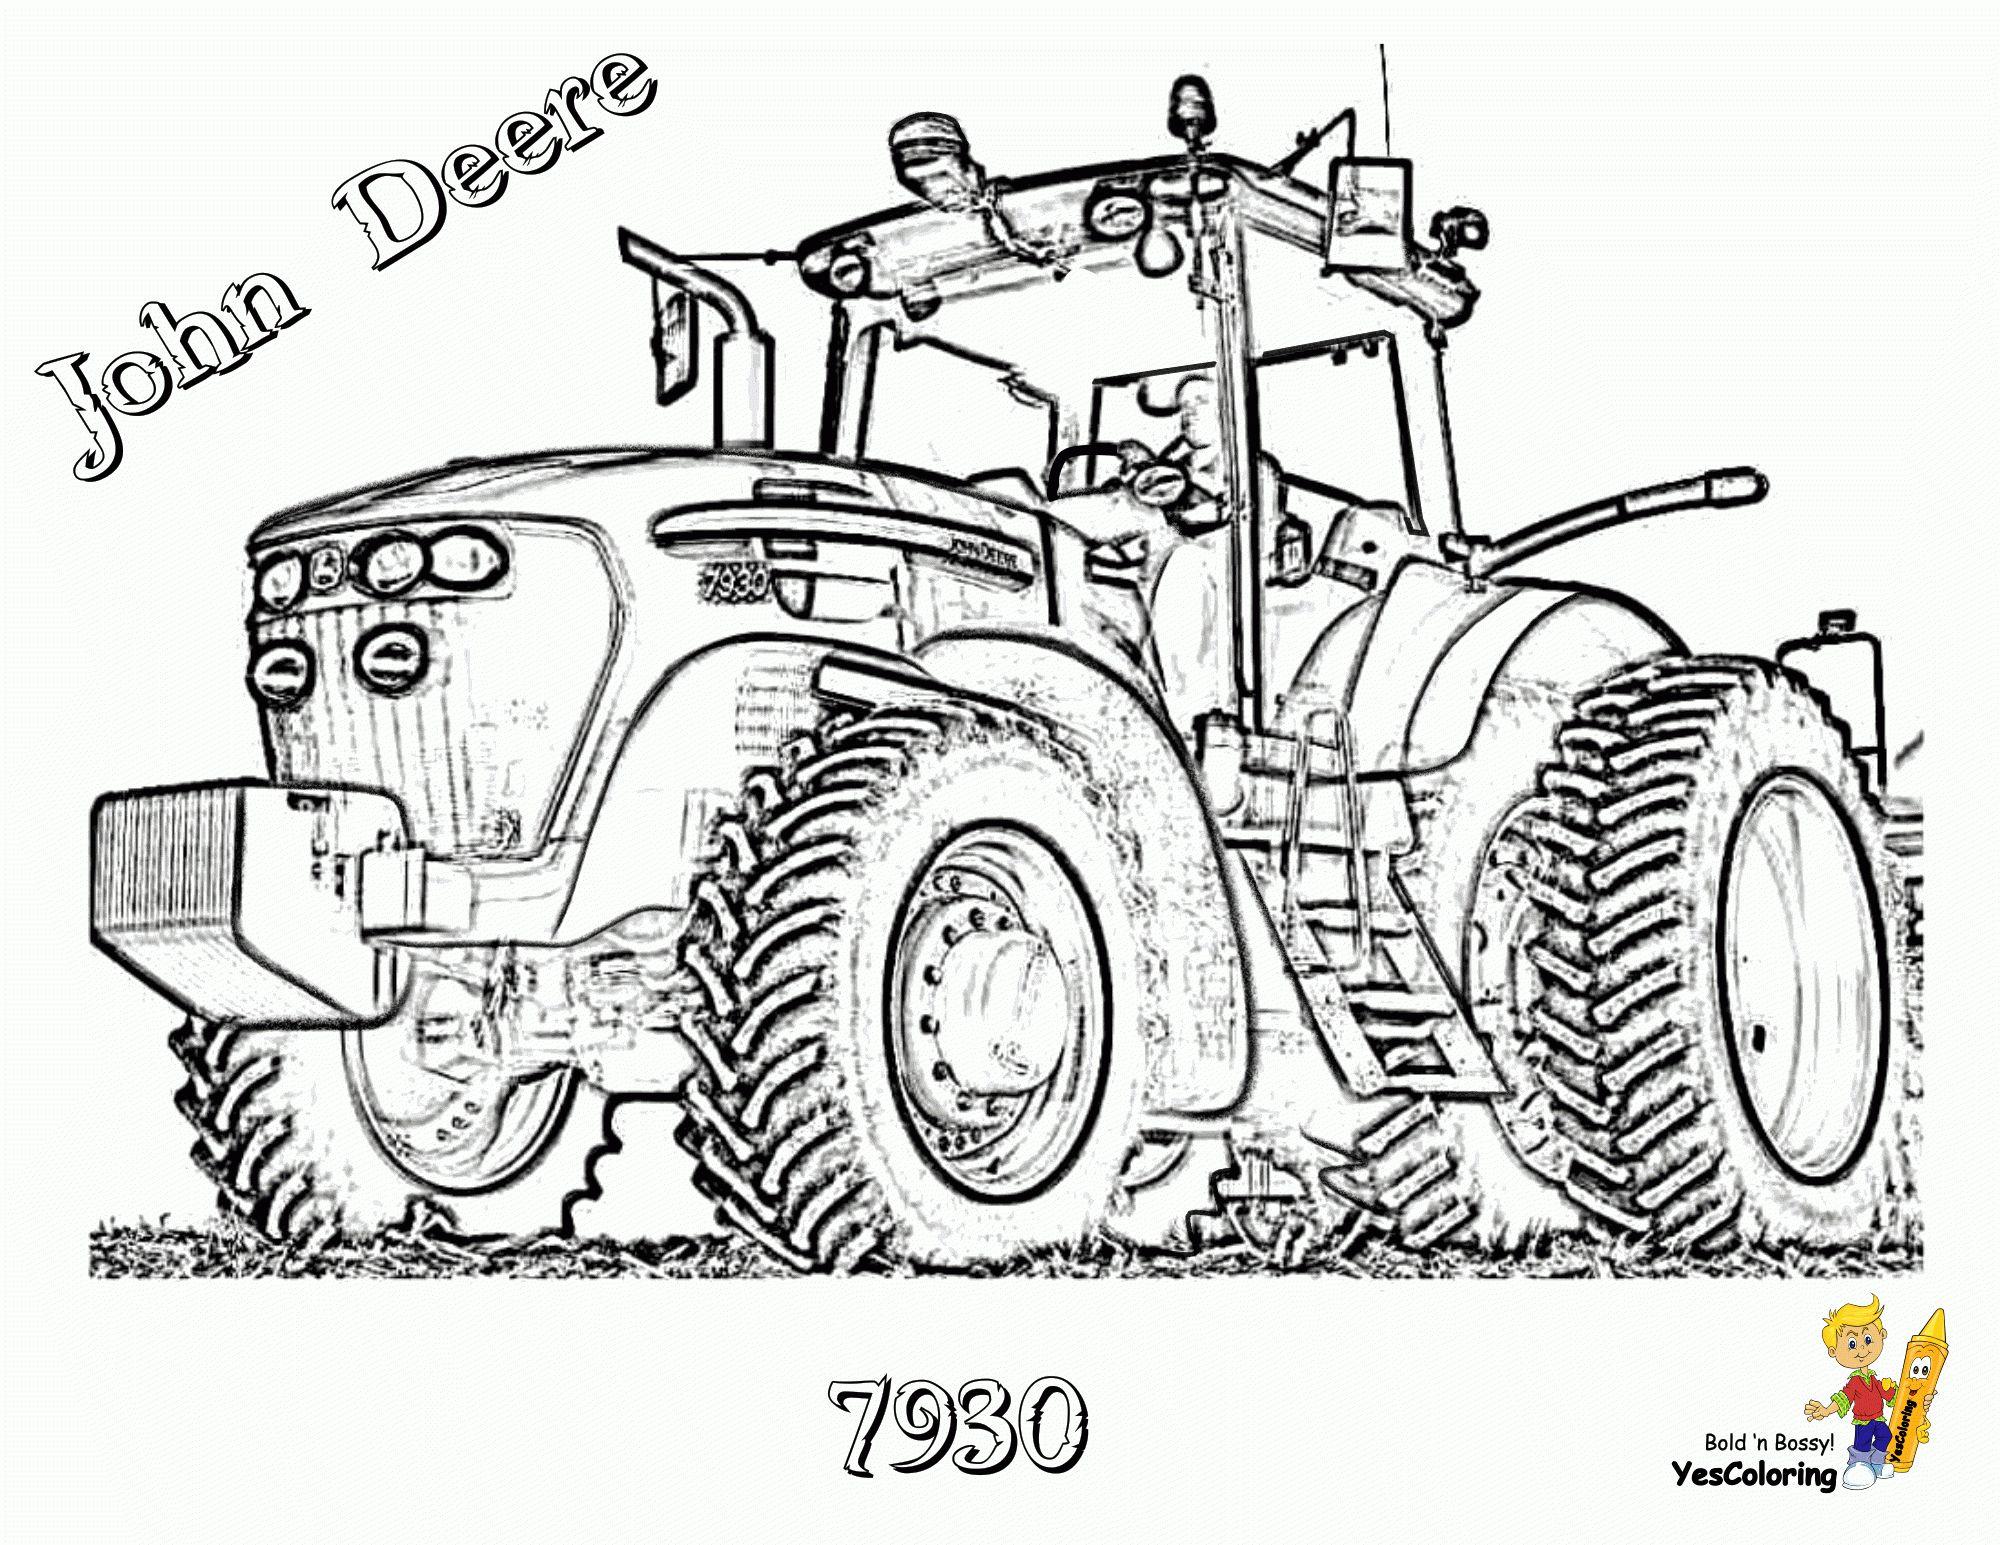 Épinglé sur Complex Coloring Pages Tractors John Deere